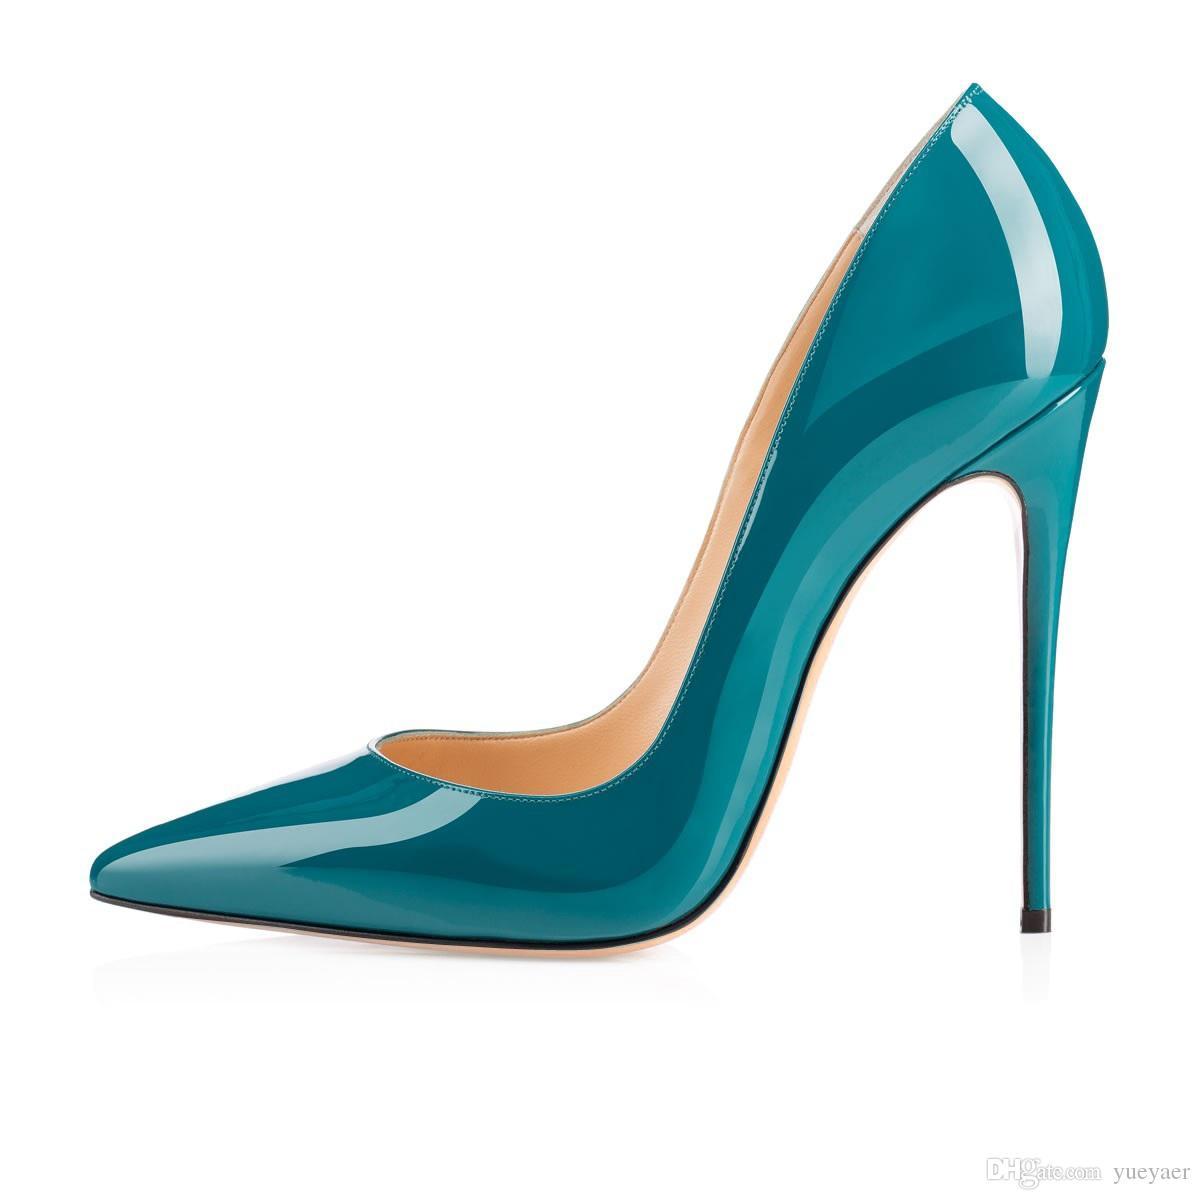 Zandina señoras hechas a mano de moda ASO-kate 120 mm punta estrecha partido clásico bombas de tacón delgado zapatos de aguja verde oscuro